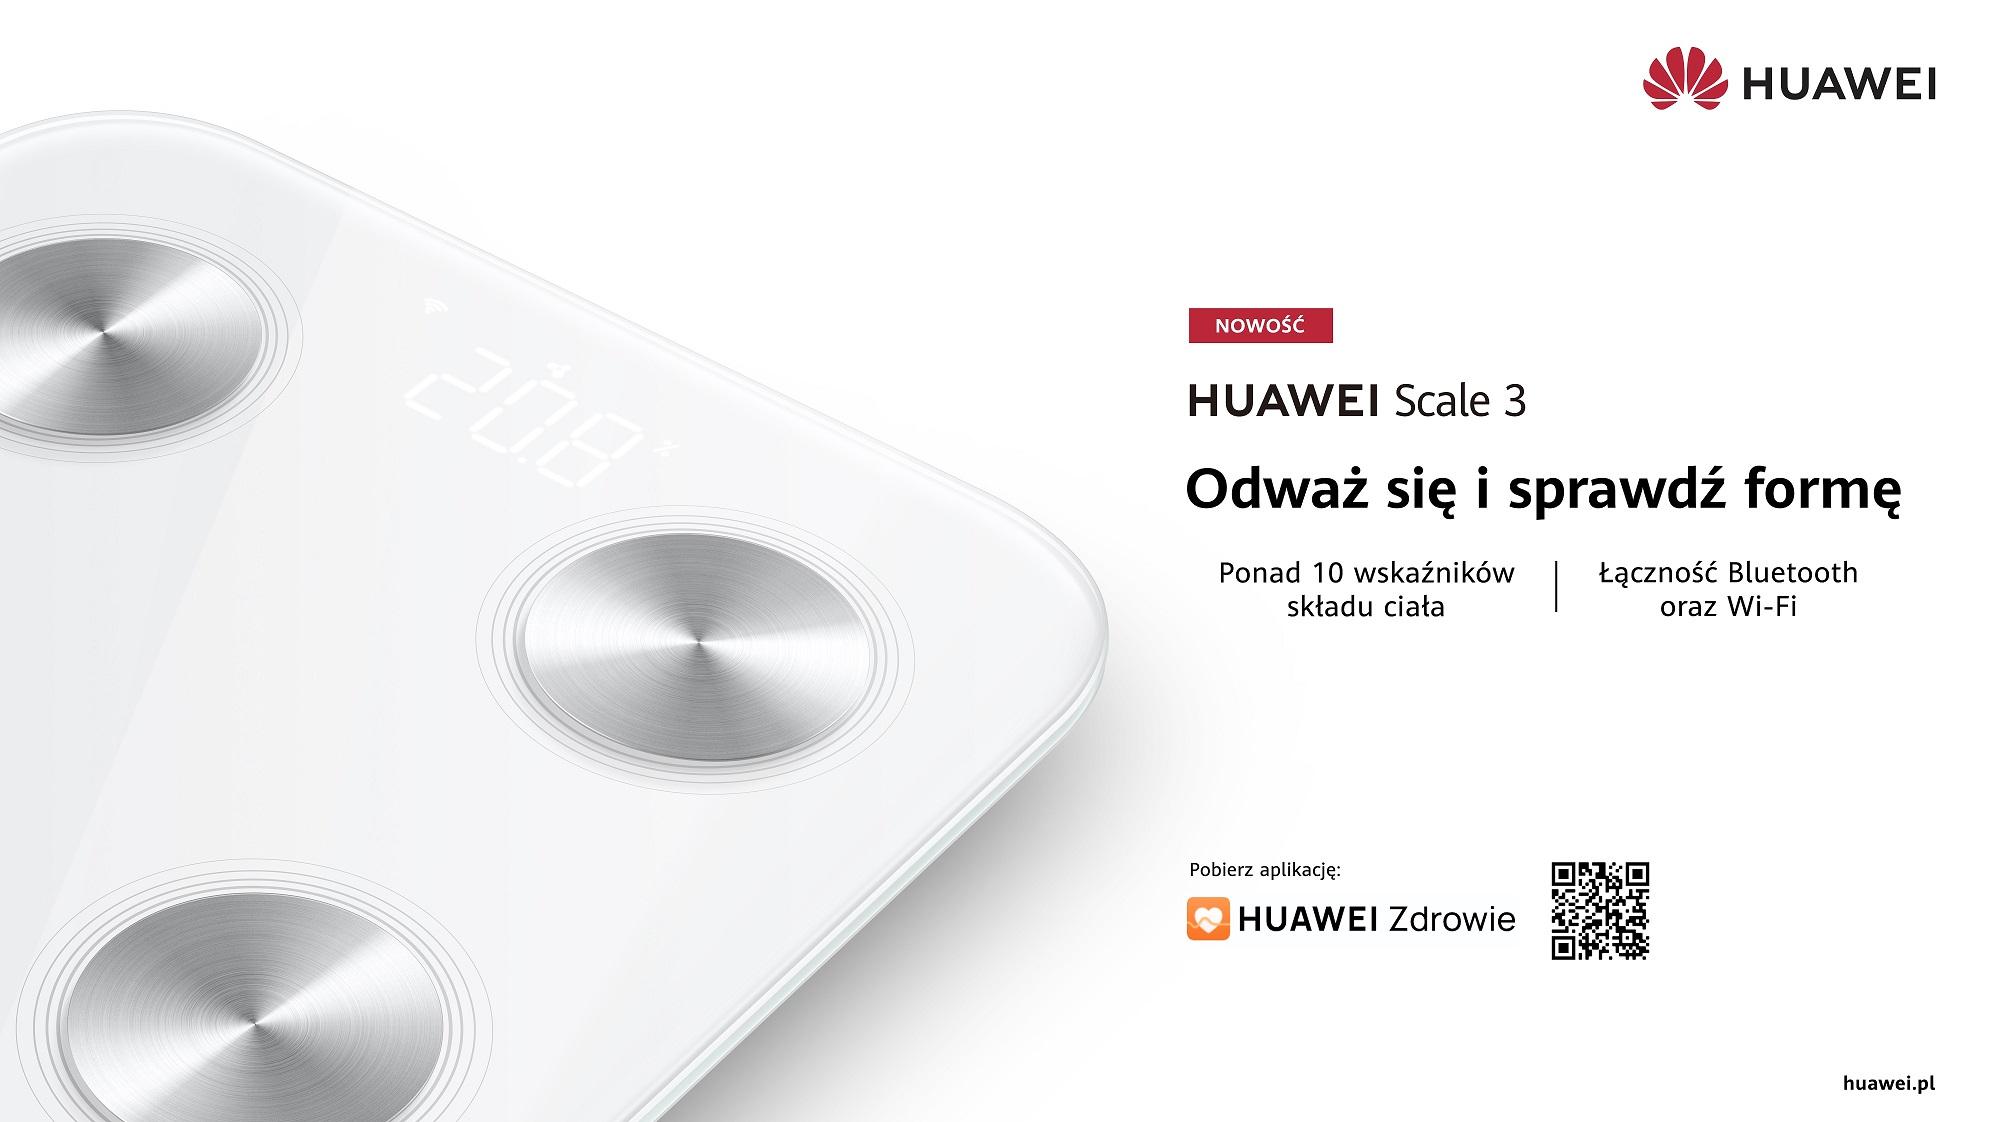 Waga Huawei Scale 3 trafia do sprzedaży w Polsce. Cena jest bardzo atrakcyjna